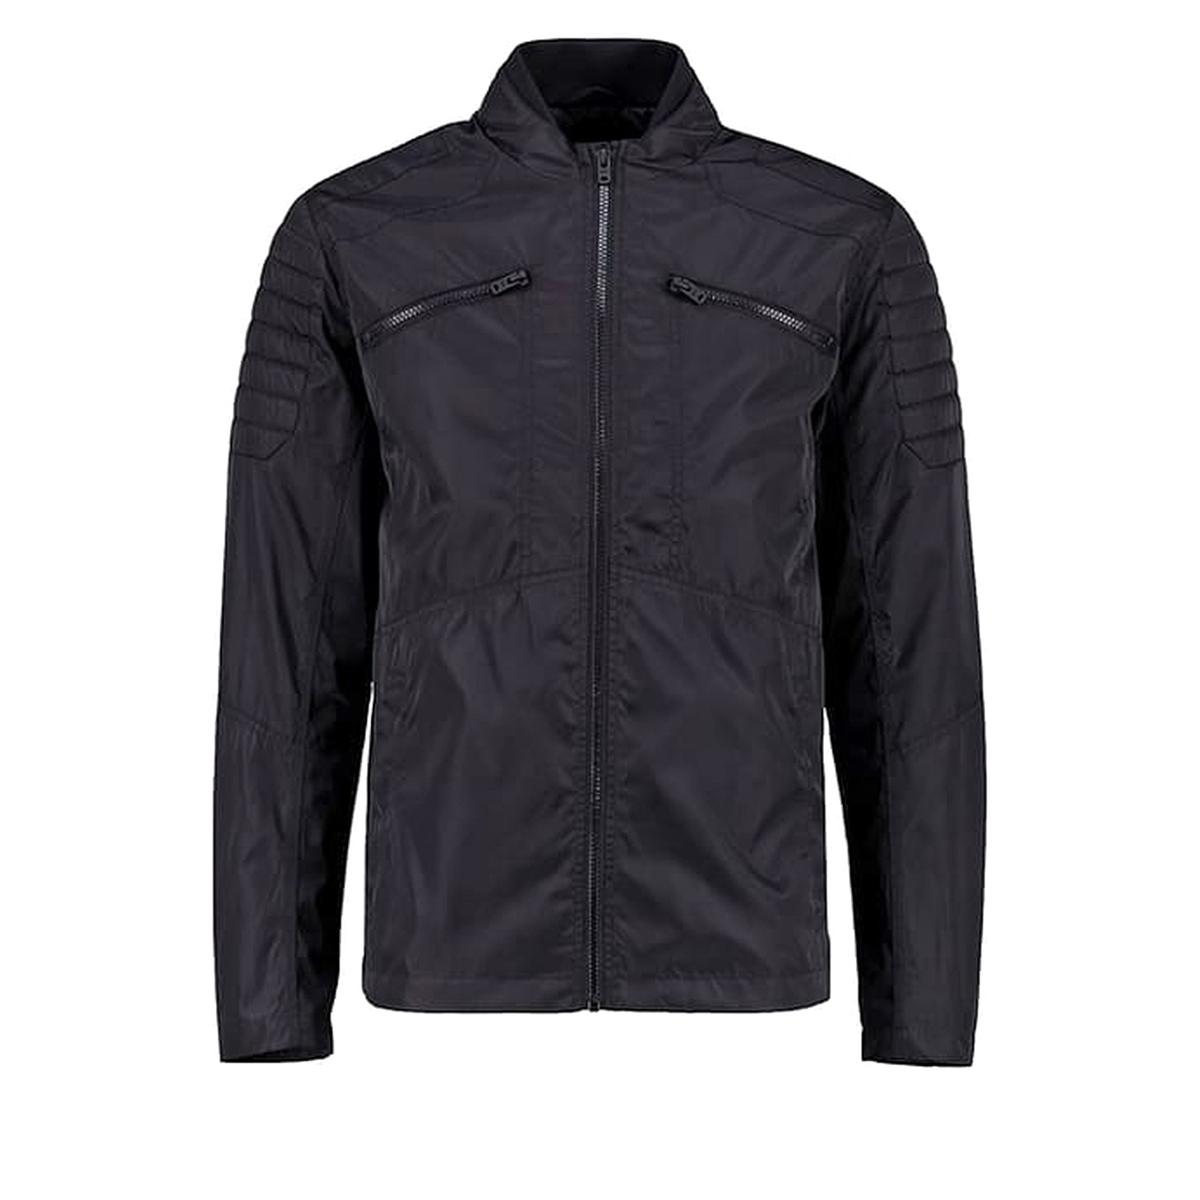 Блузон в байкерском стиле ARTIS блузон кожаный в байкерском стиле